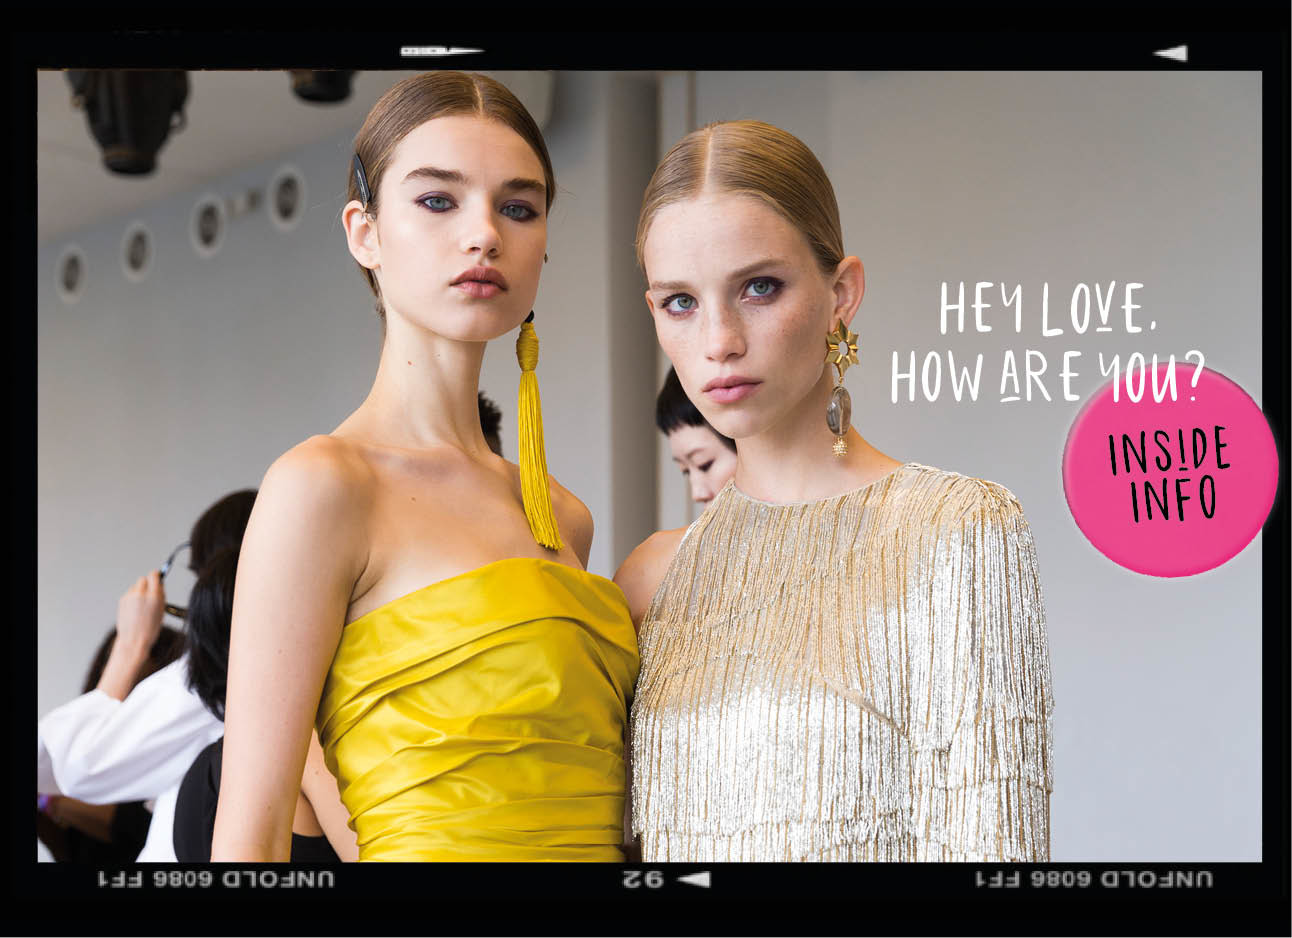 dagboek van een model twee modellen kijkend naar de camera backstage